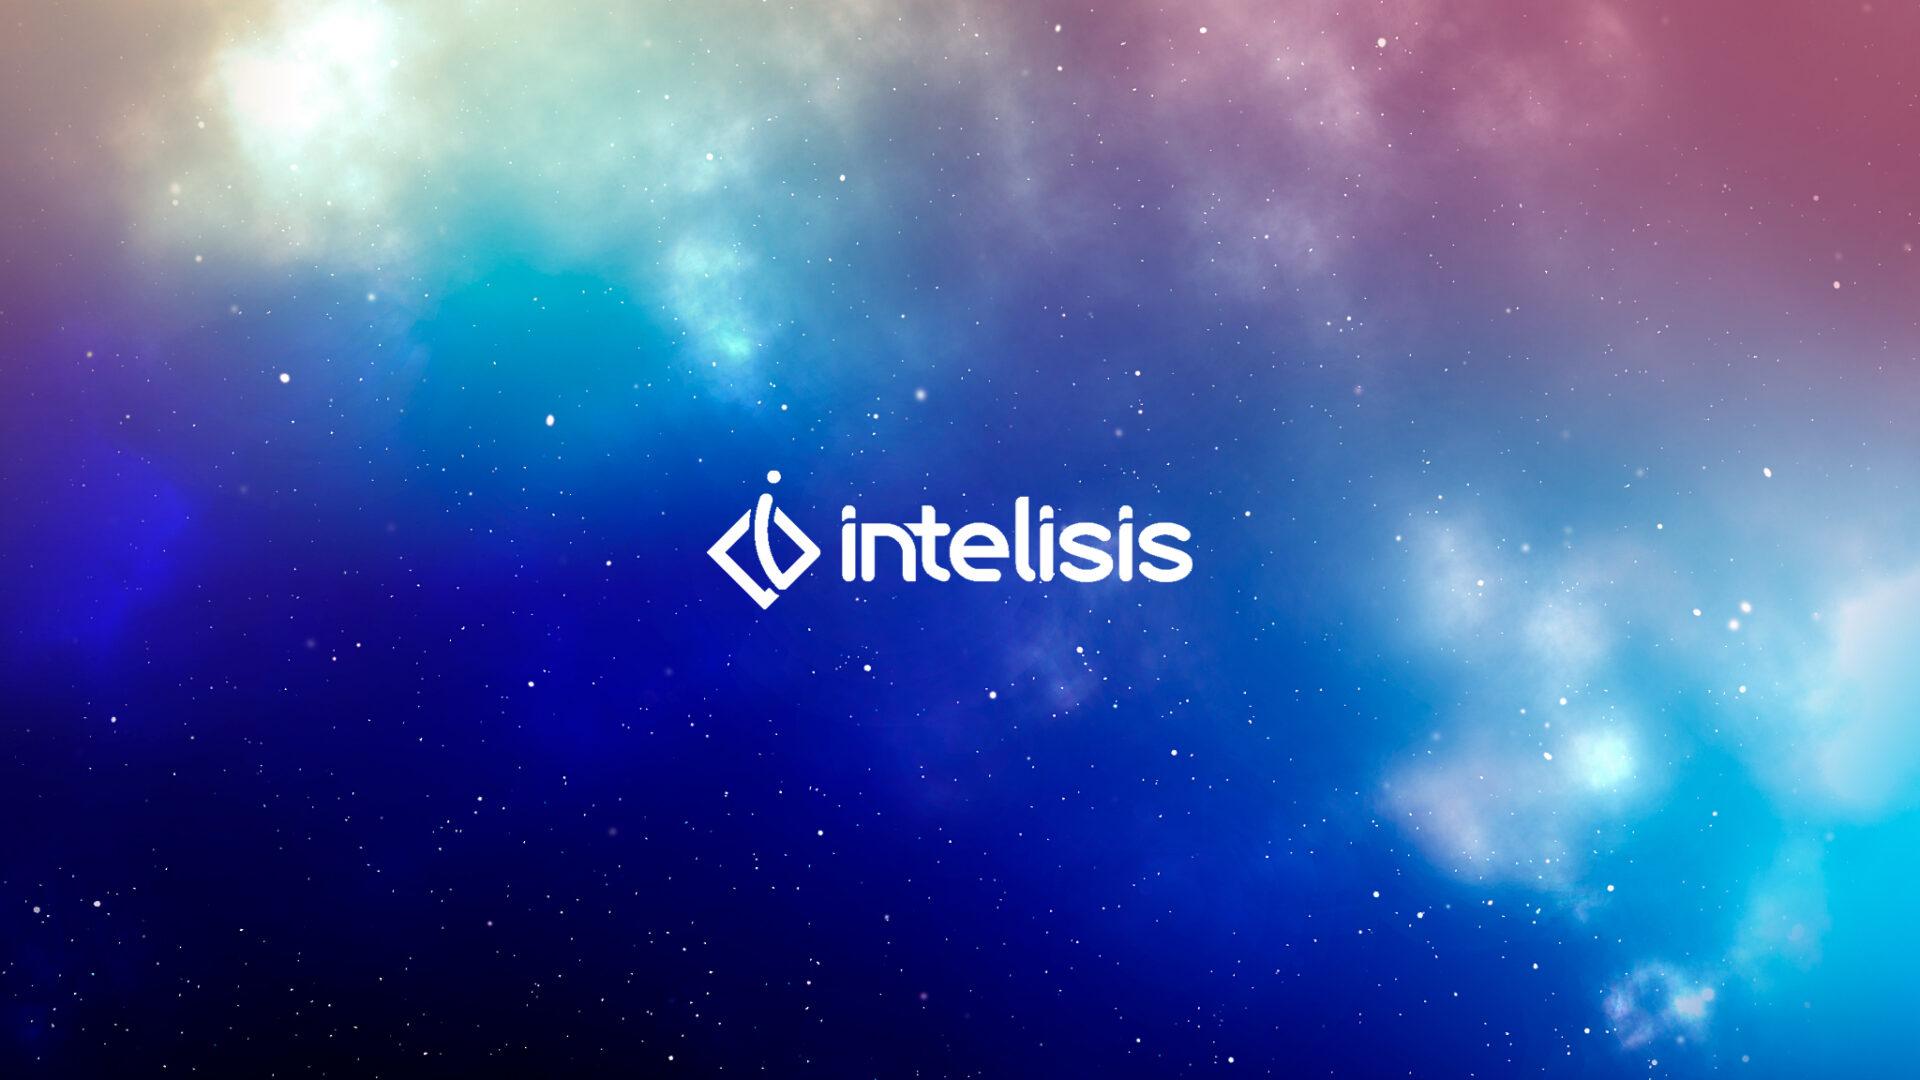 intelisis.com